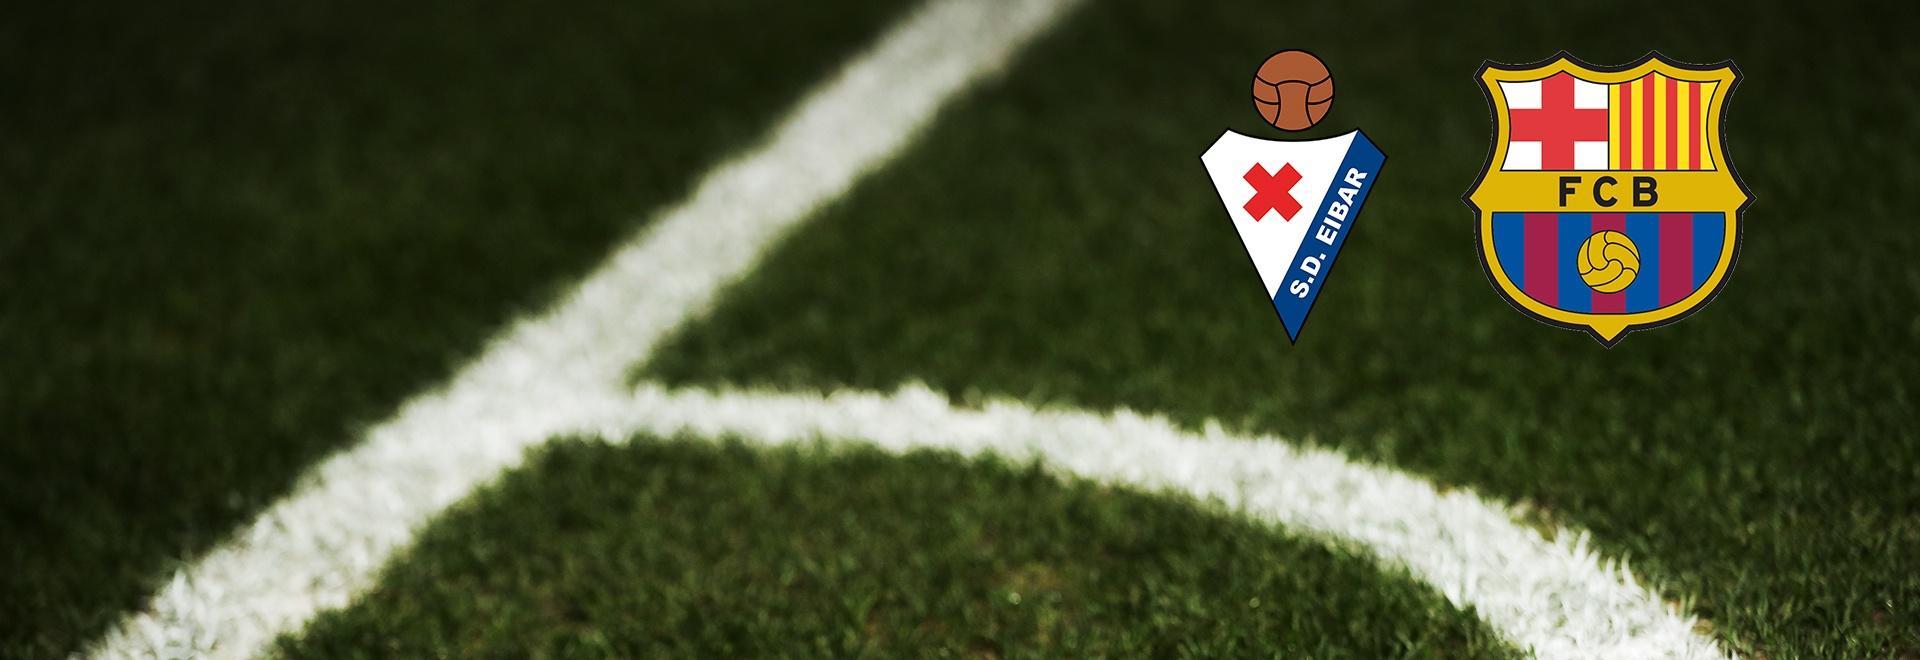 Eibar - Real Madrid. 13a g.